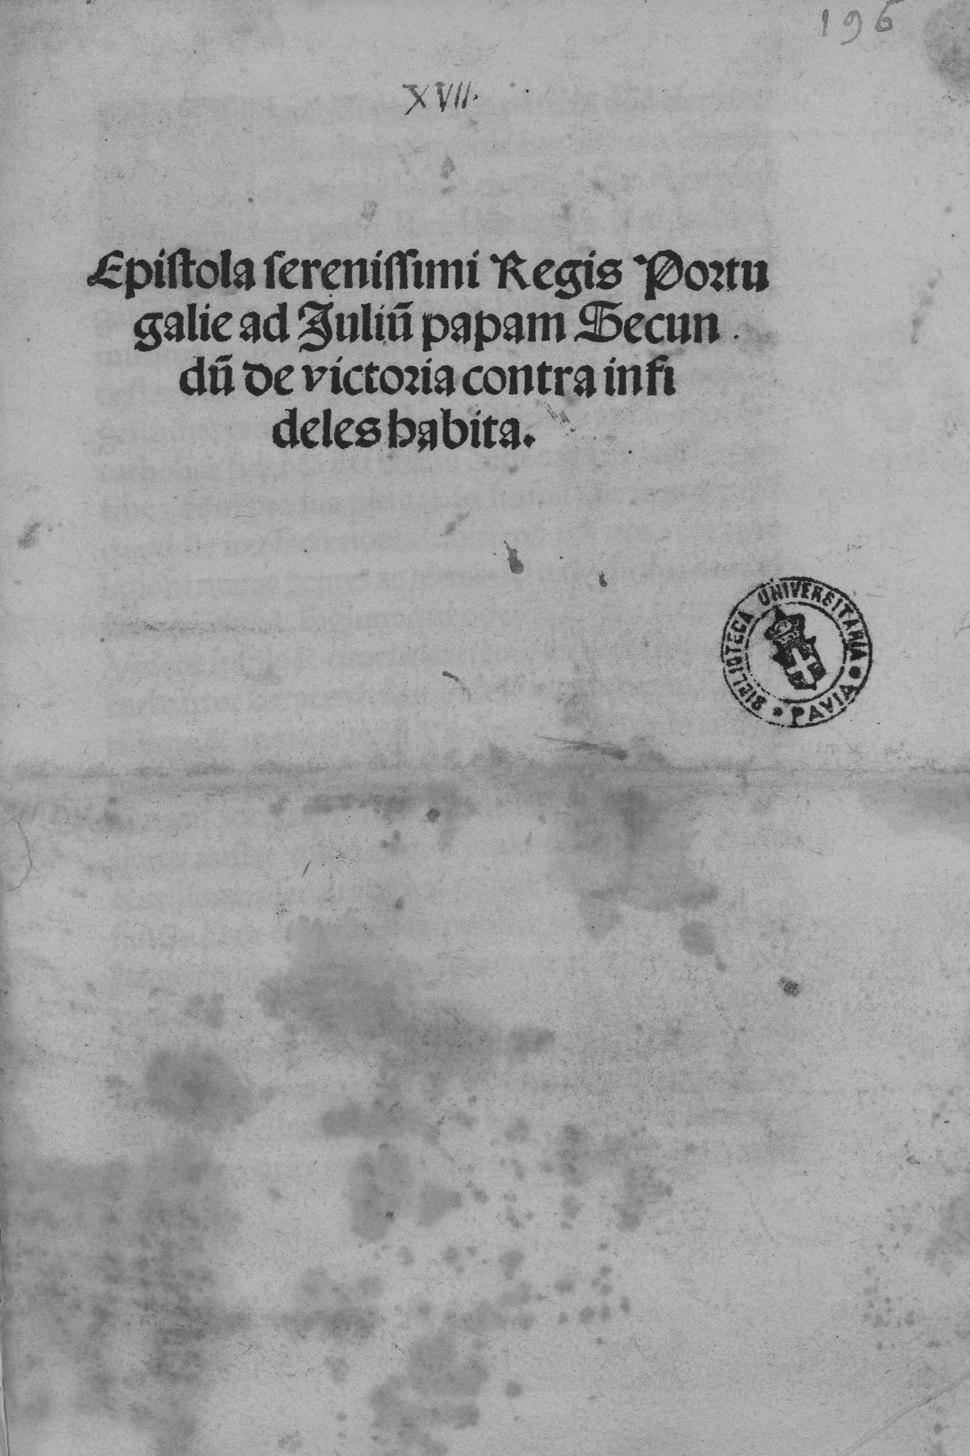 Manuel - Epistola de victoria contra infideles habita, 1507 - 4592250